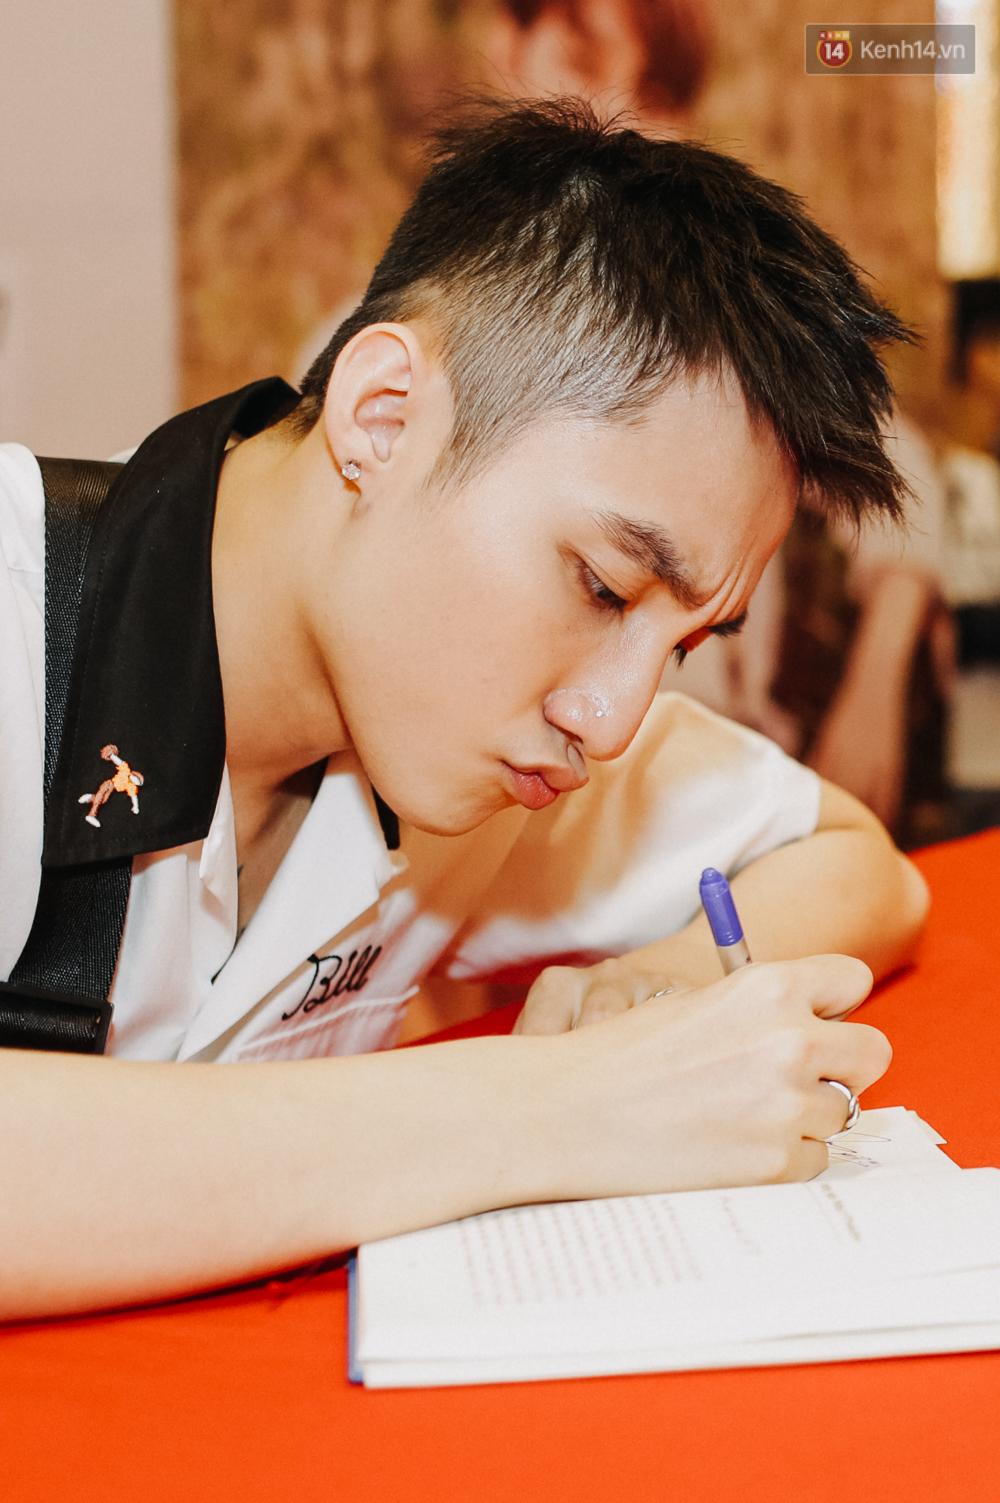 Sơn Tùng M-TP cúi gập người ôm chầm lấy fan trong buổi kí tặng sách tại TP Hồ Chí Minh - Ảnh 4.